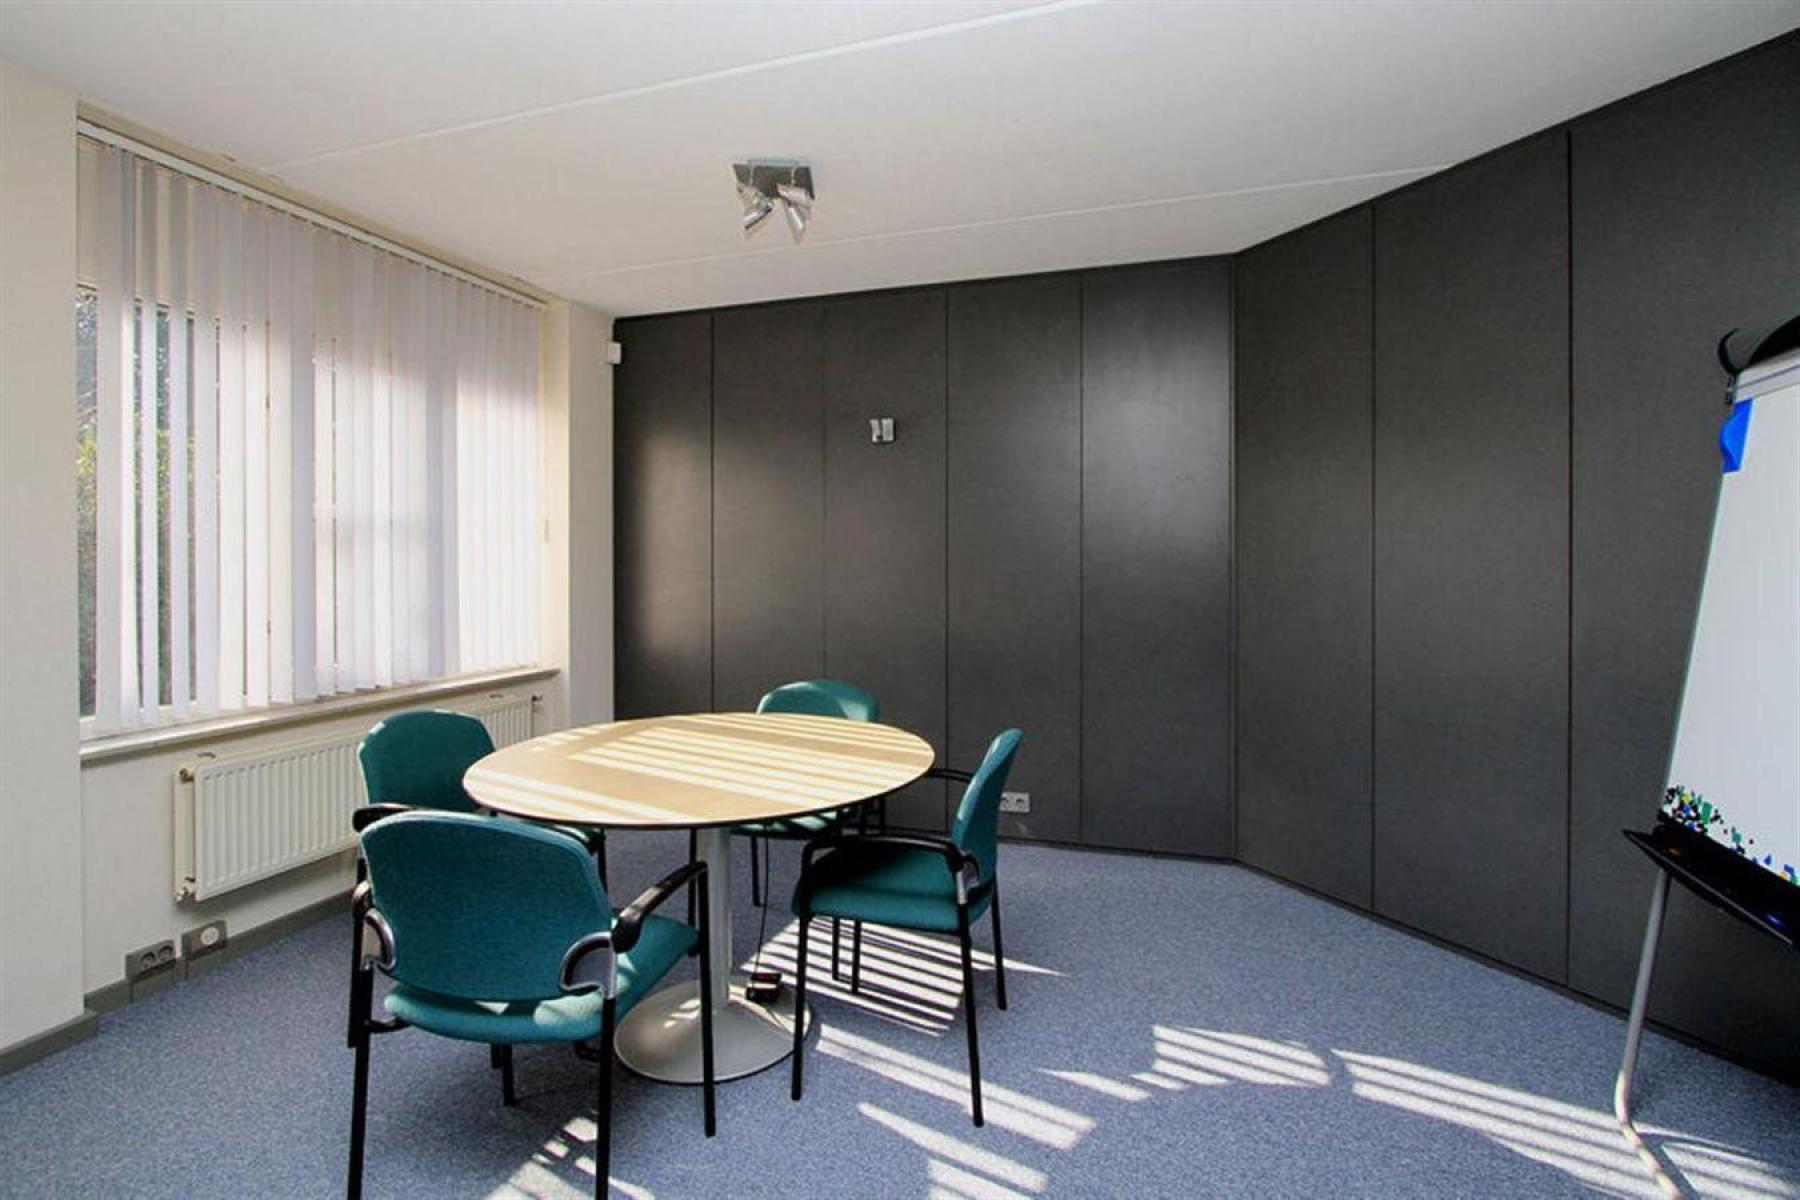 vergaderruimte presentatiemogelijkheden tafel stoelen flipover vloerbedekking ramen uitzicht muren kantoorgebouw apeldoorn